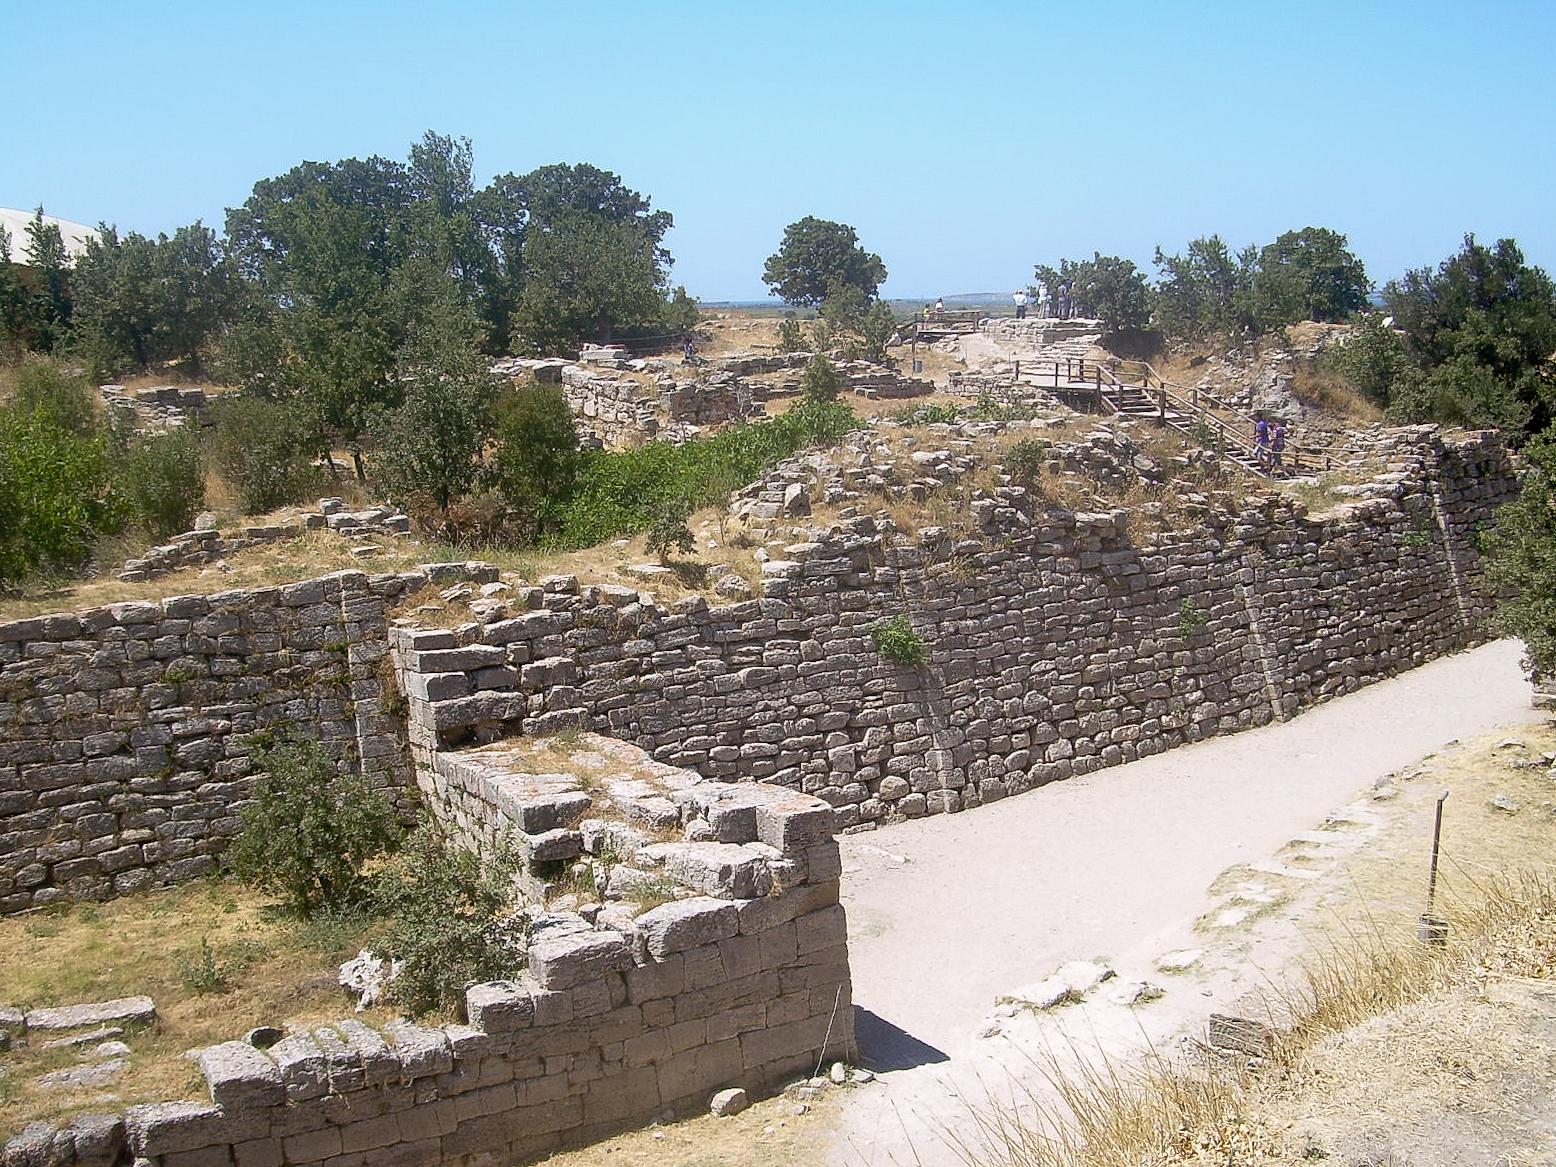 Depiction of Troya